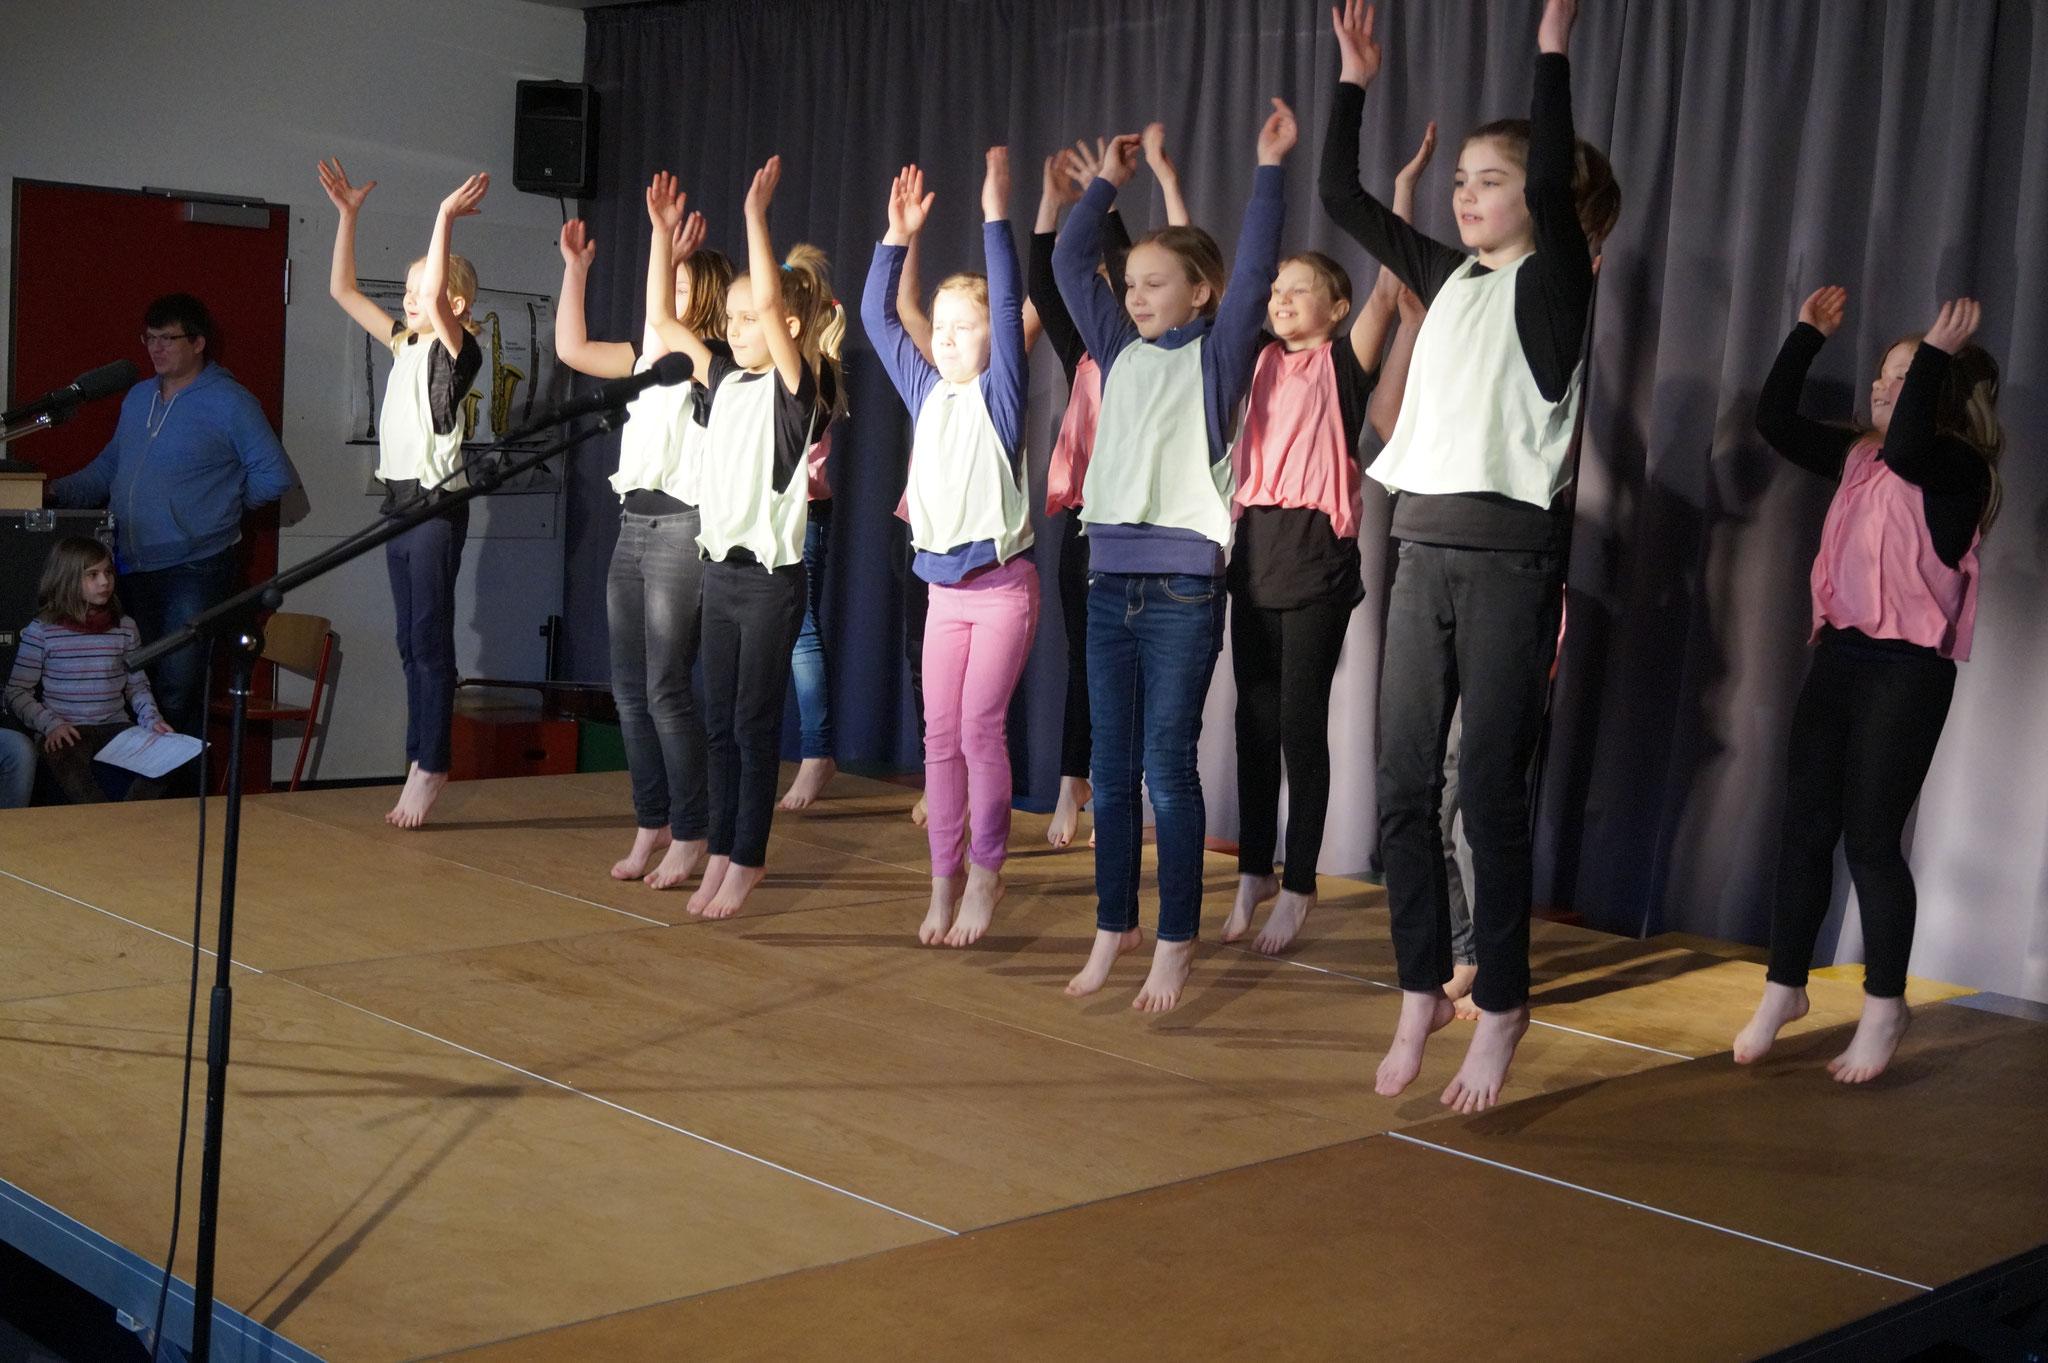 Tanzgruppe Pattensen unter der Leitung von Anne Muschhammer